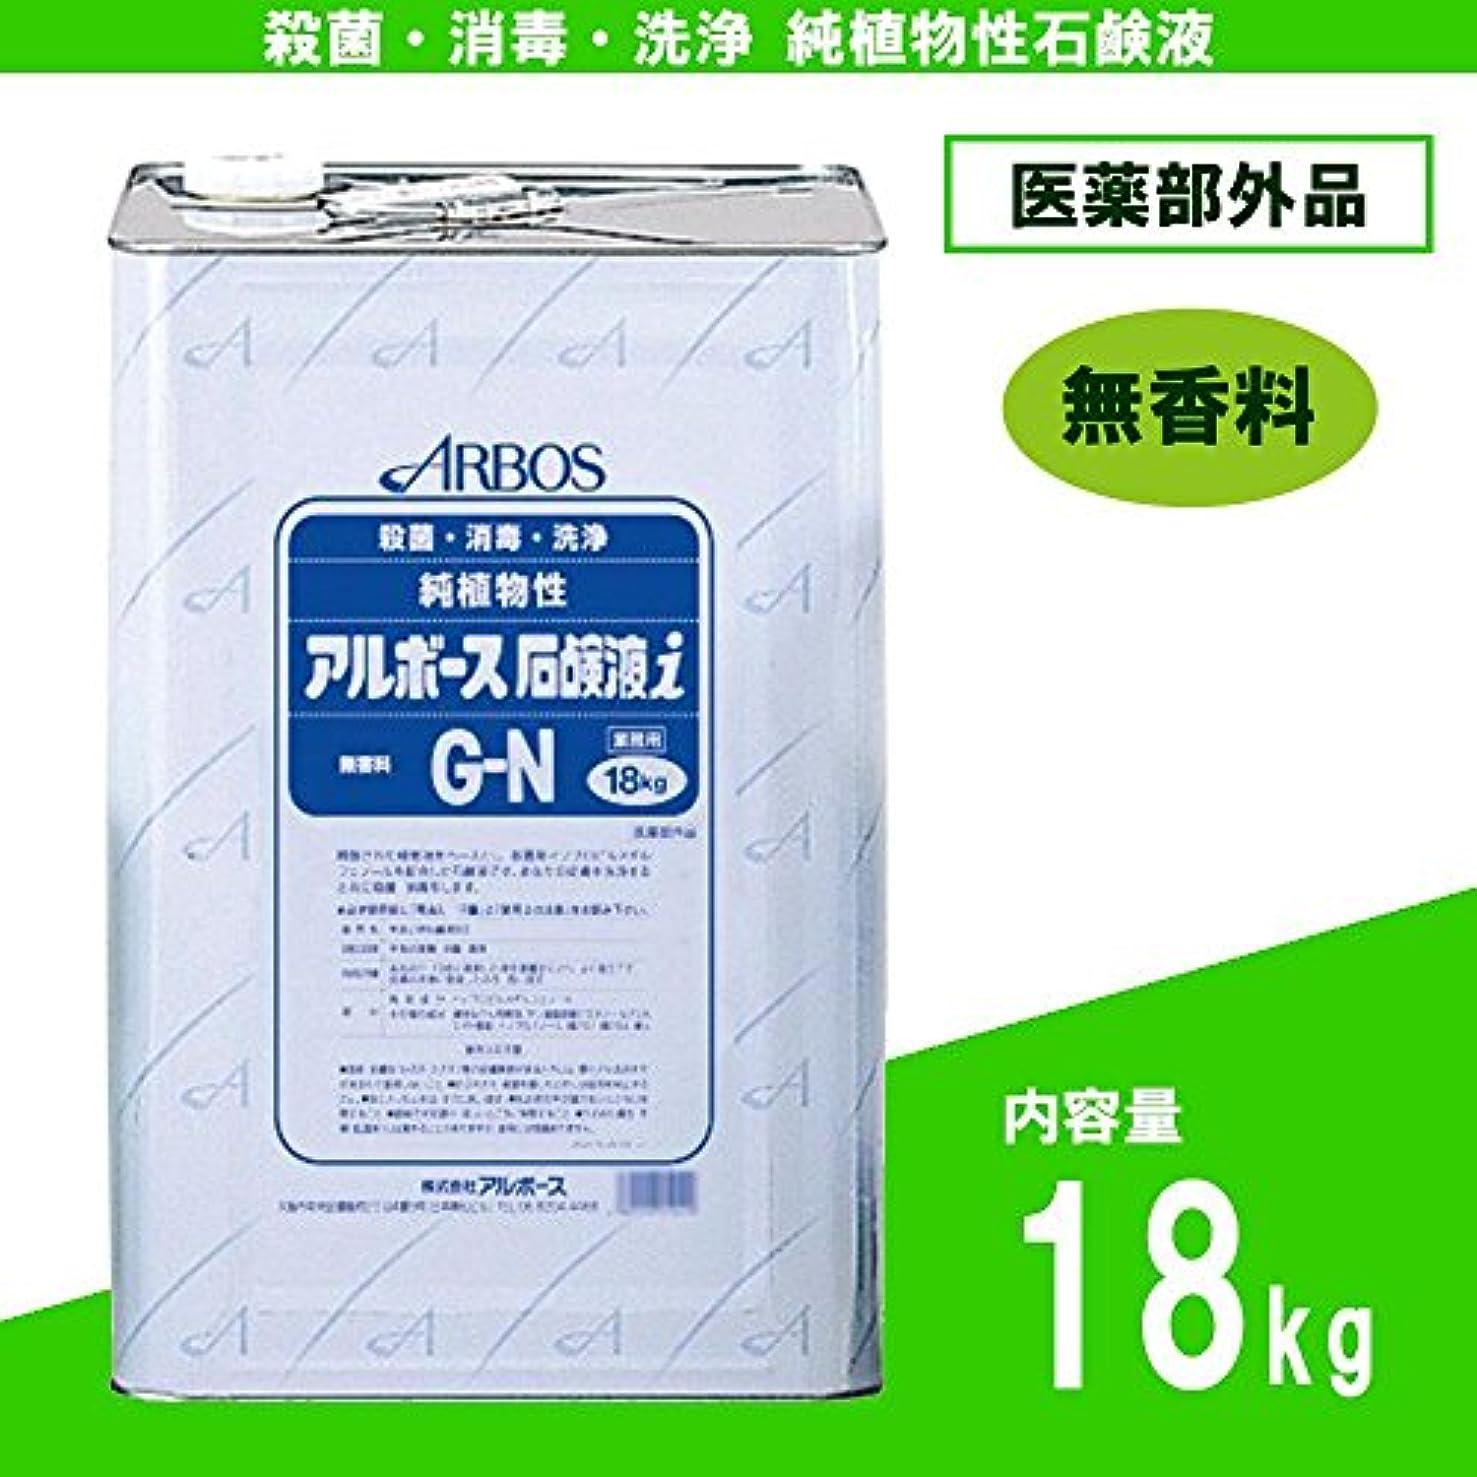 要件マージポスターアルボース 業務用純植物性石鹸液 石鹸液i G-N 無香料タイプ 18kg 01041 (医薬部外品)